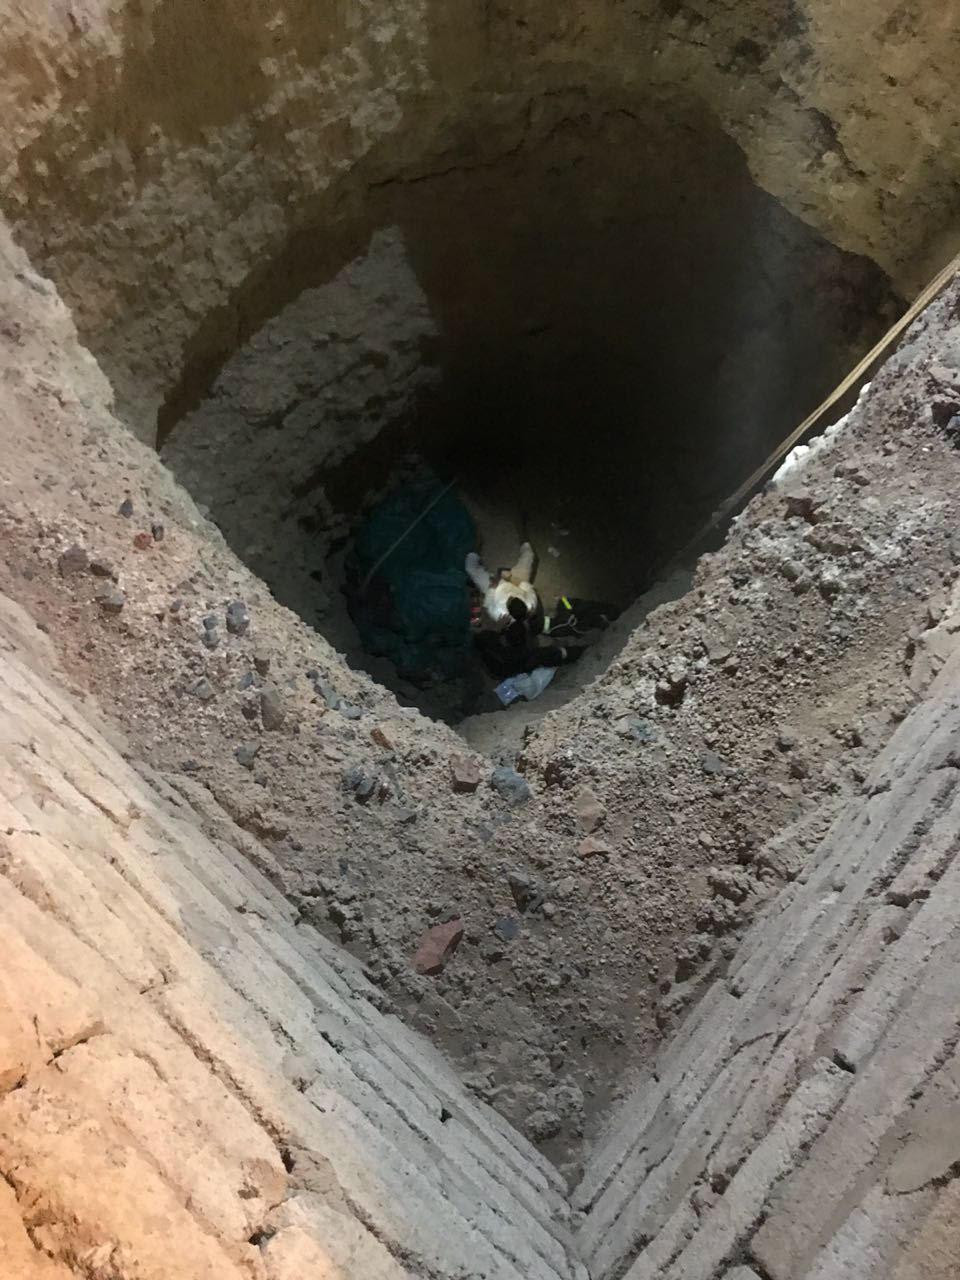 بالصور: الدفاع المدني ينتشل شاباً من بئر مهجورة